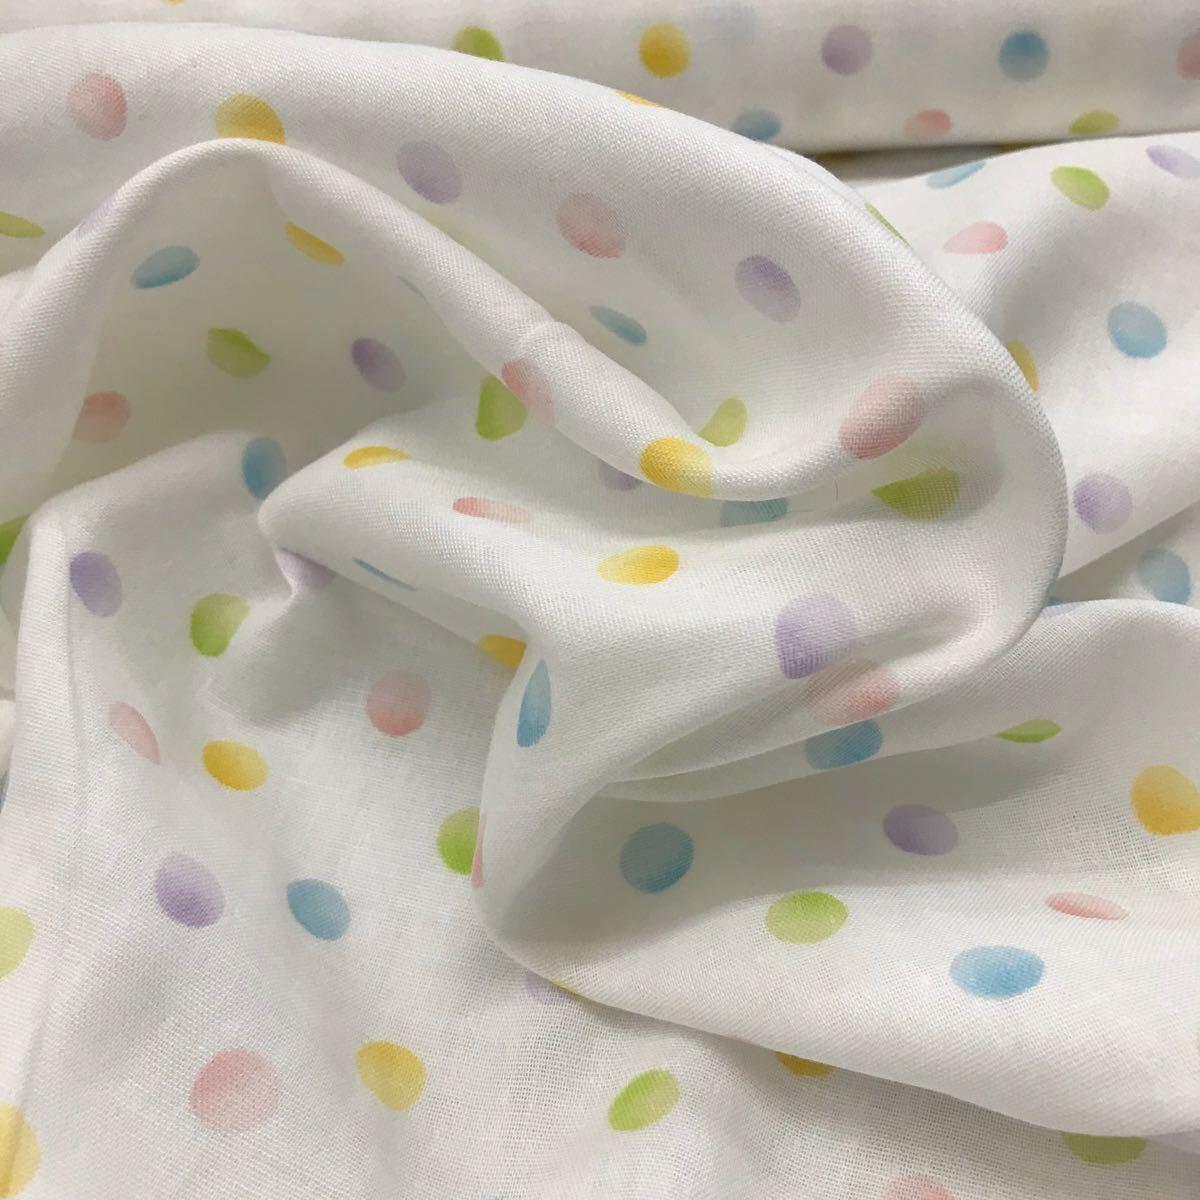 ダブルガーゼ生地 白×水玉 ドットプリント 110cm幅×50cm 日本製 綿100%